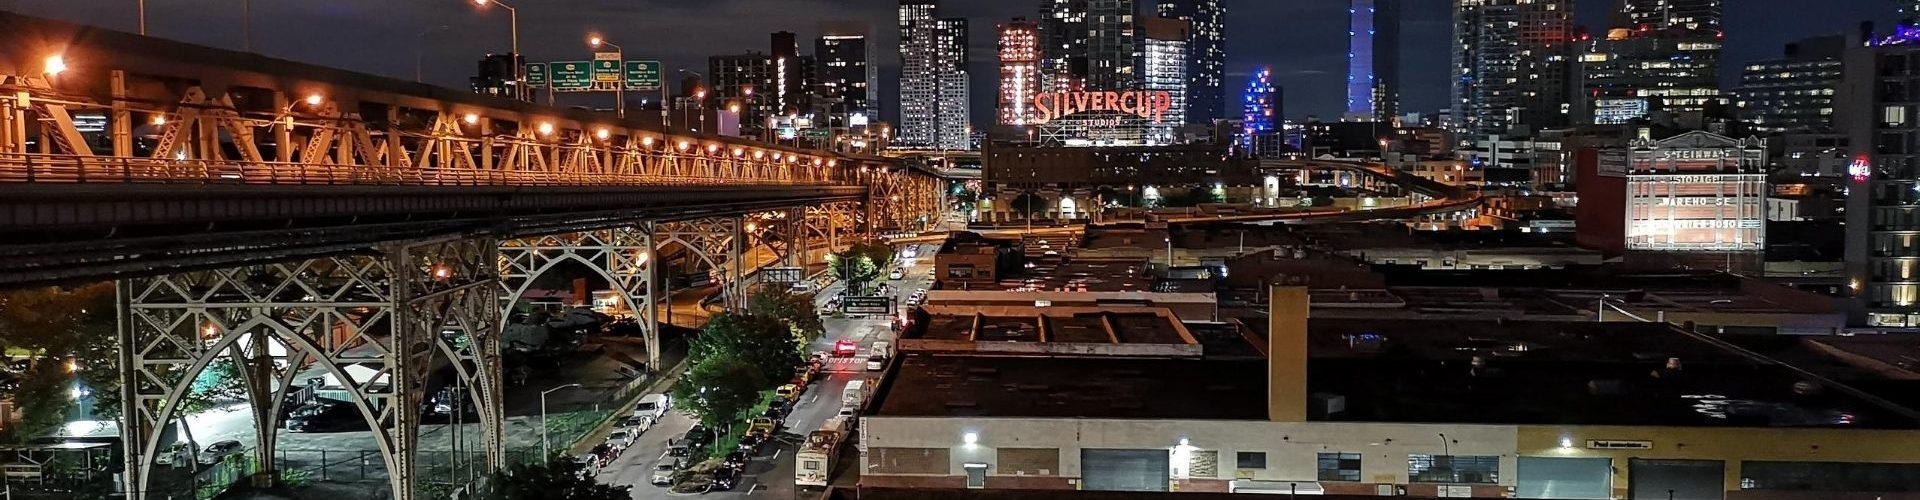 Queens New York at Night Over Bridge